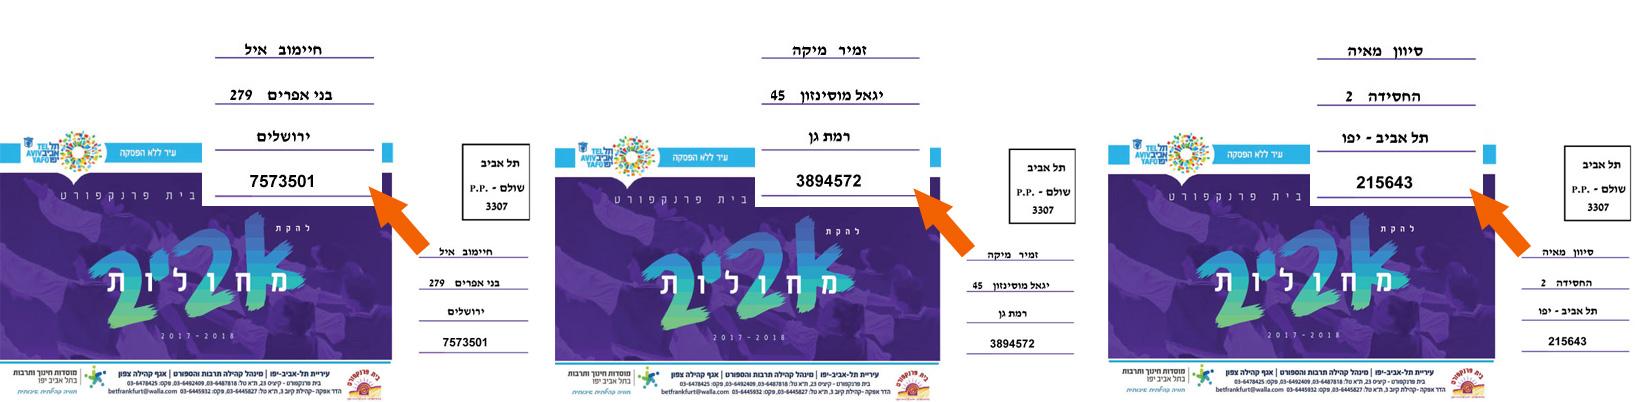 גלויות/ מעטפות עם מידע משתנה